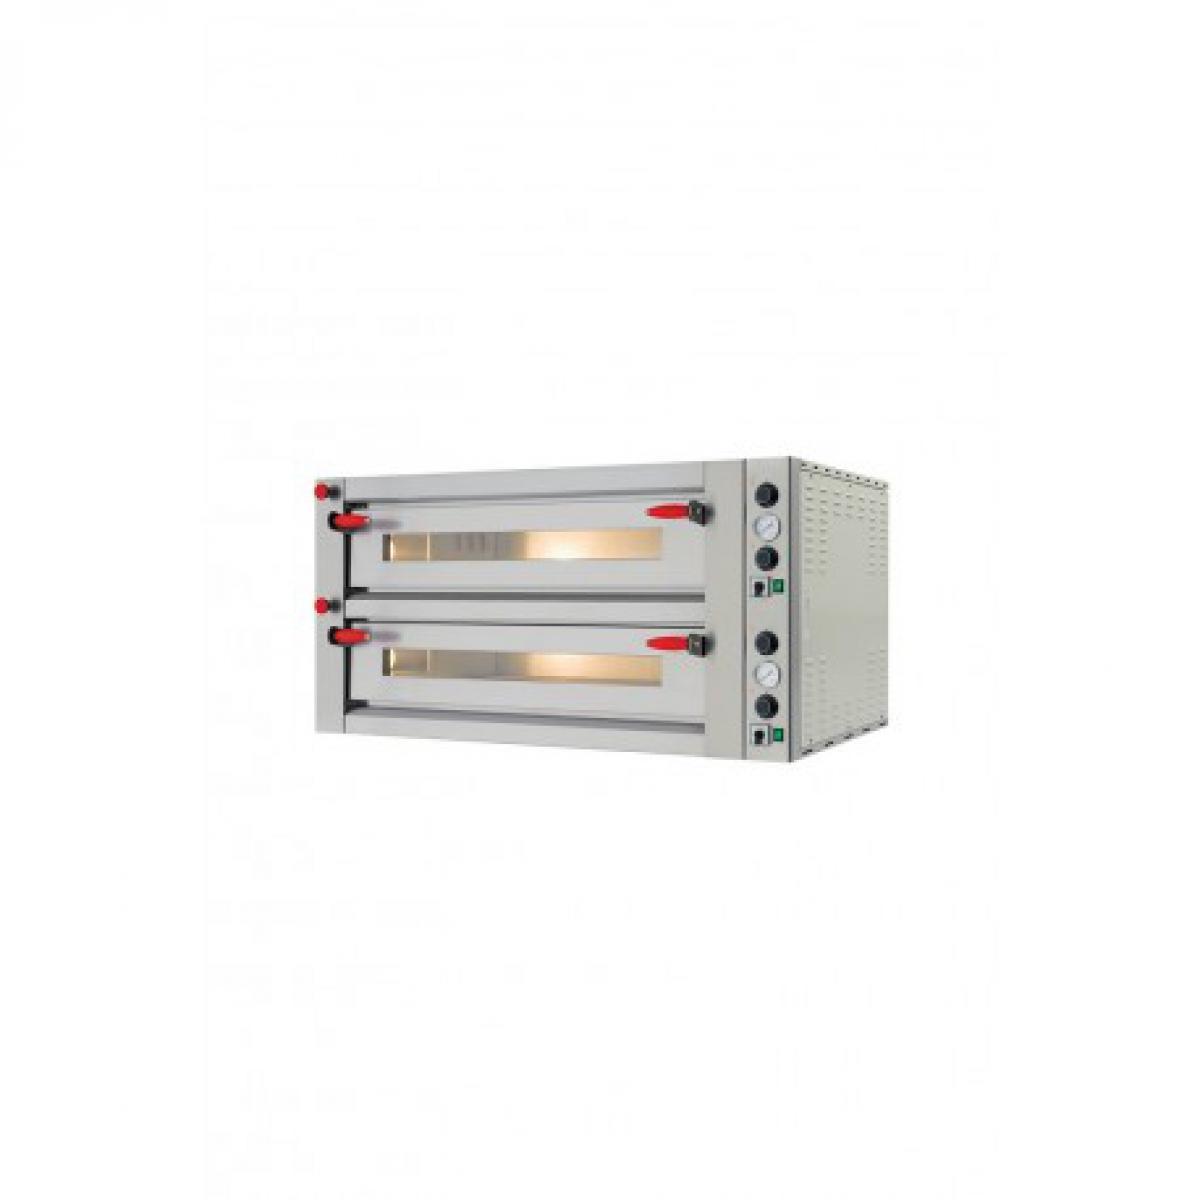 Yarrah Four à pizza électrique double mécanique - 26,64 kW - Pizzagroup -